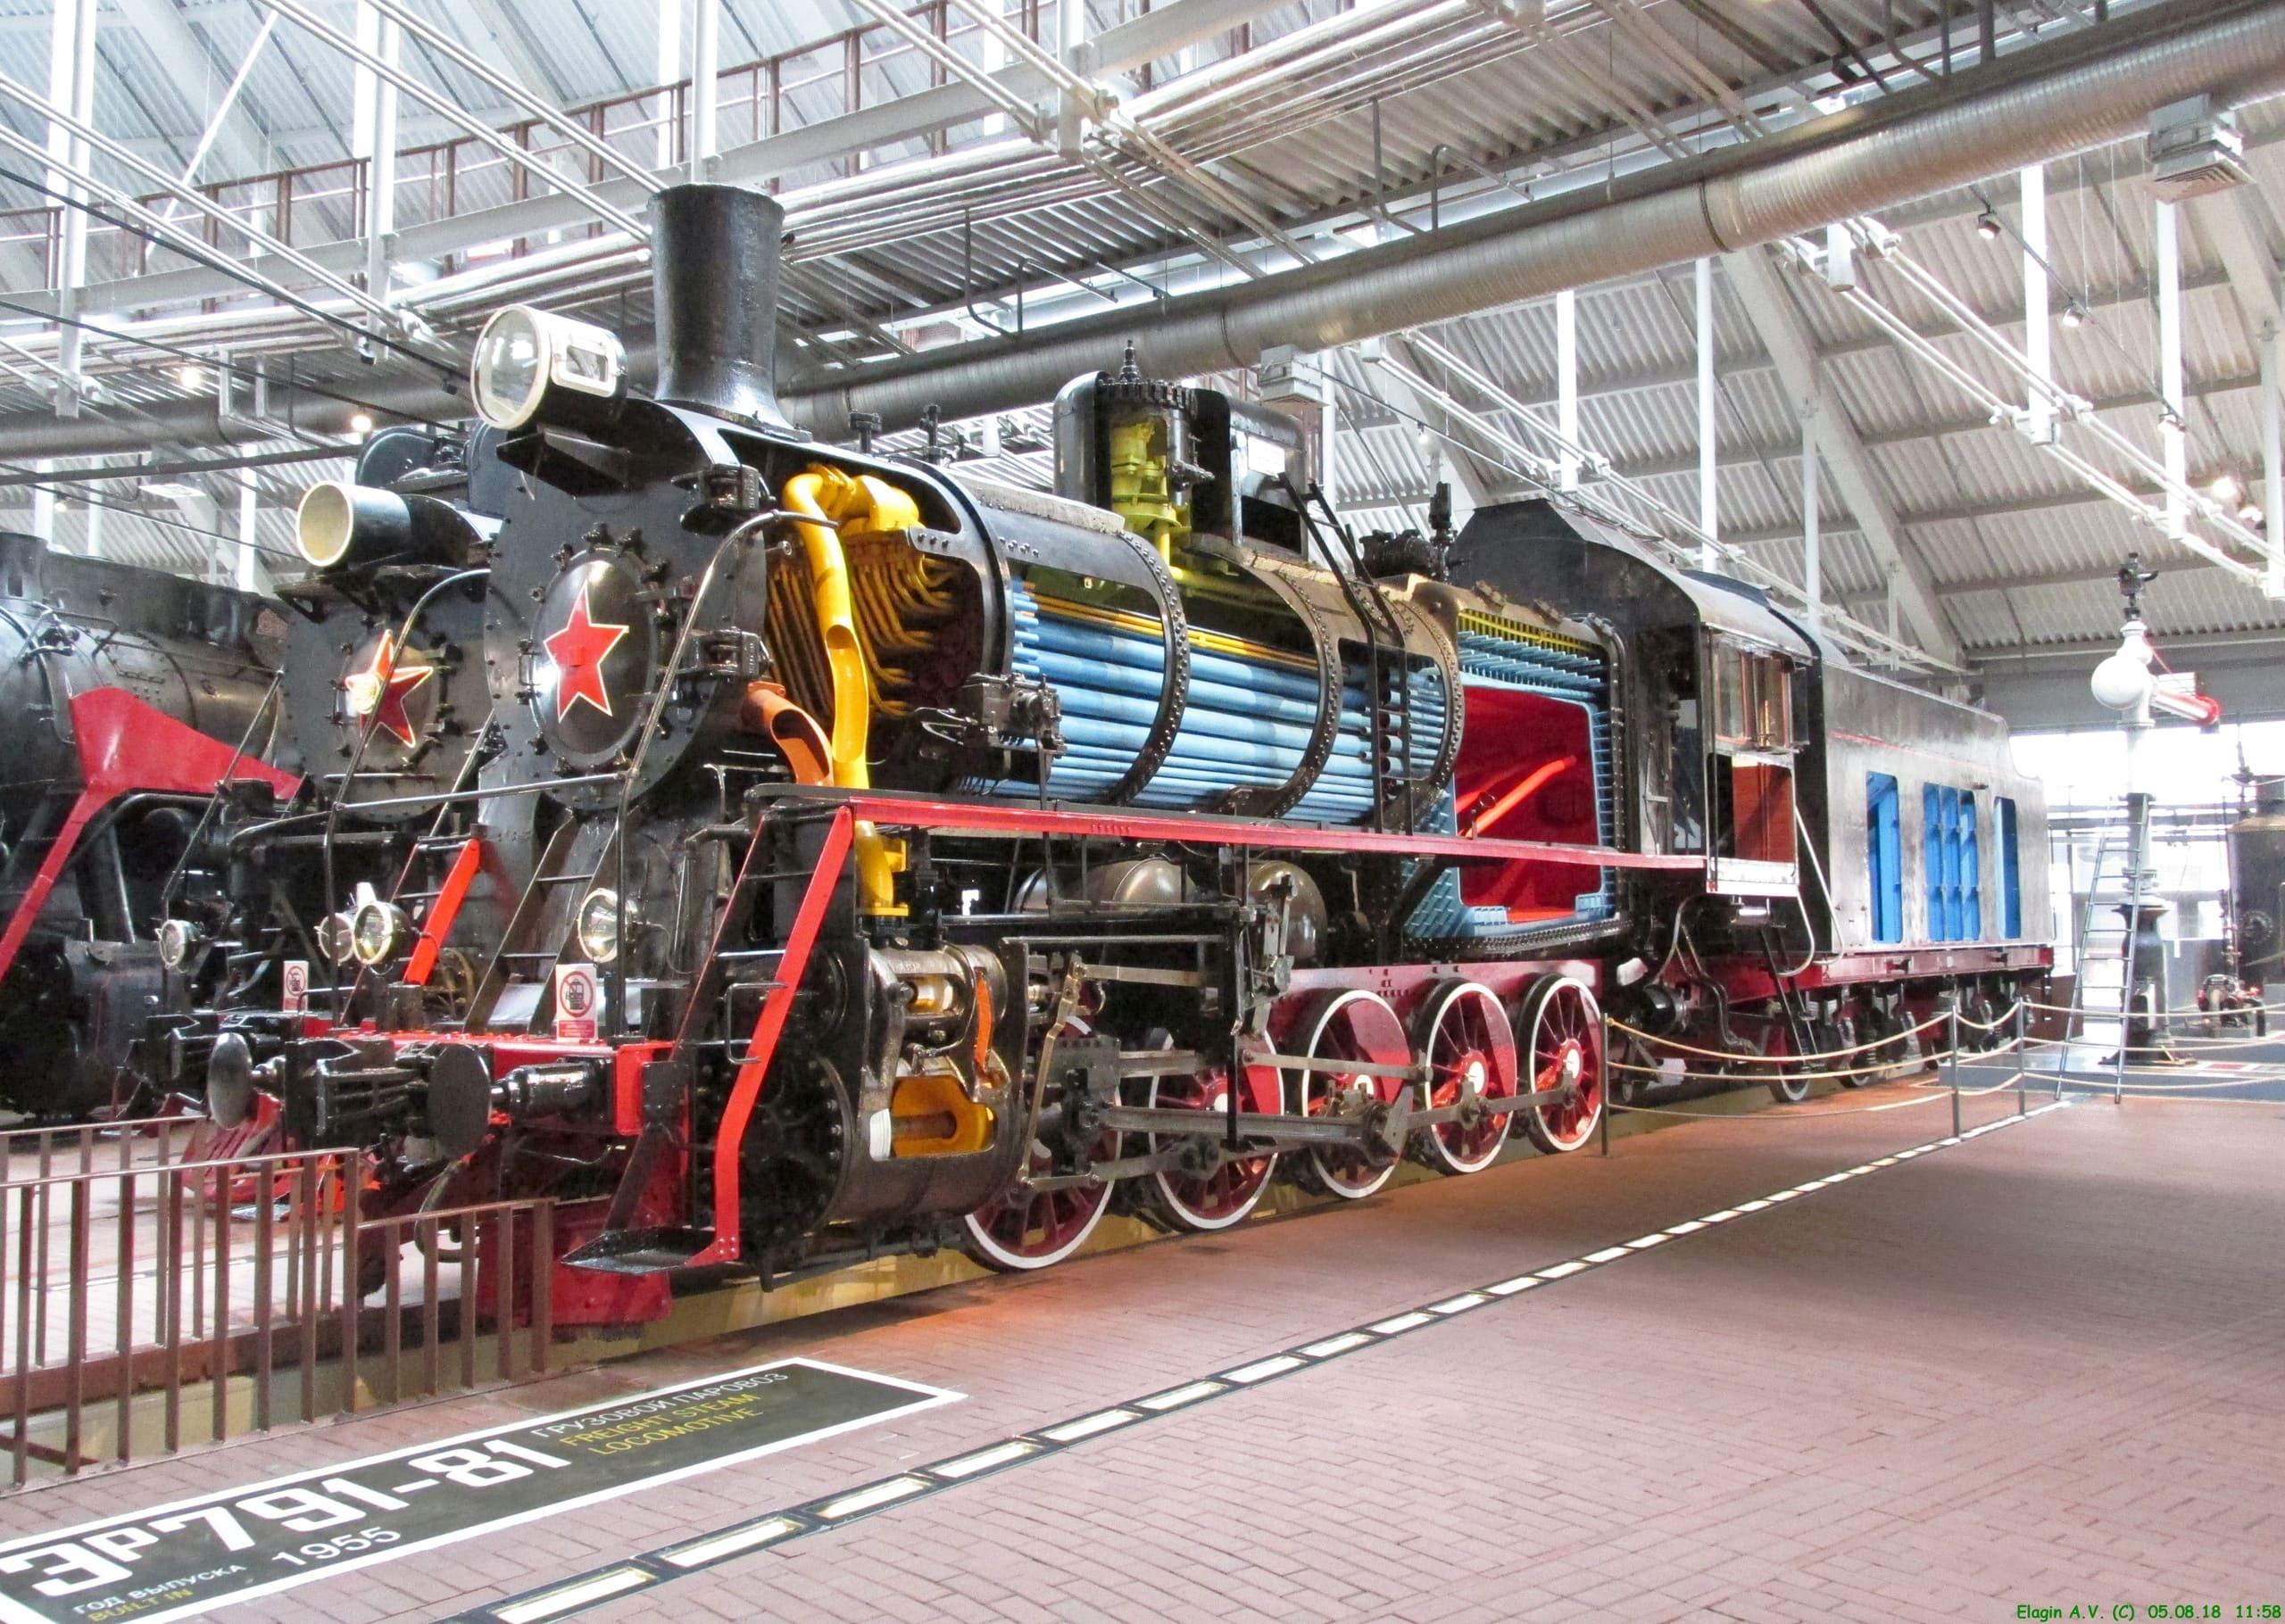 паровоз локомотив музей железных дорог